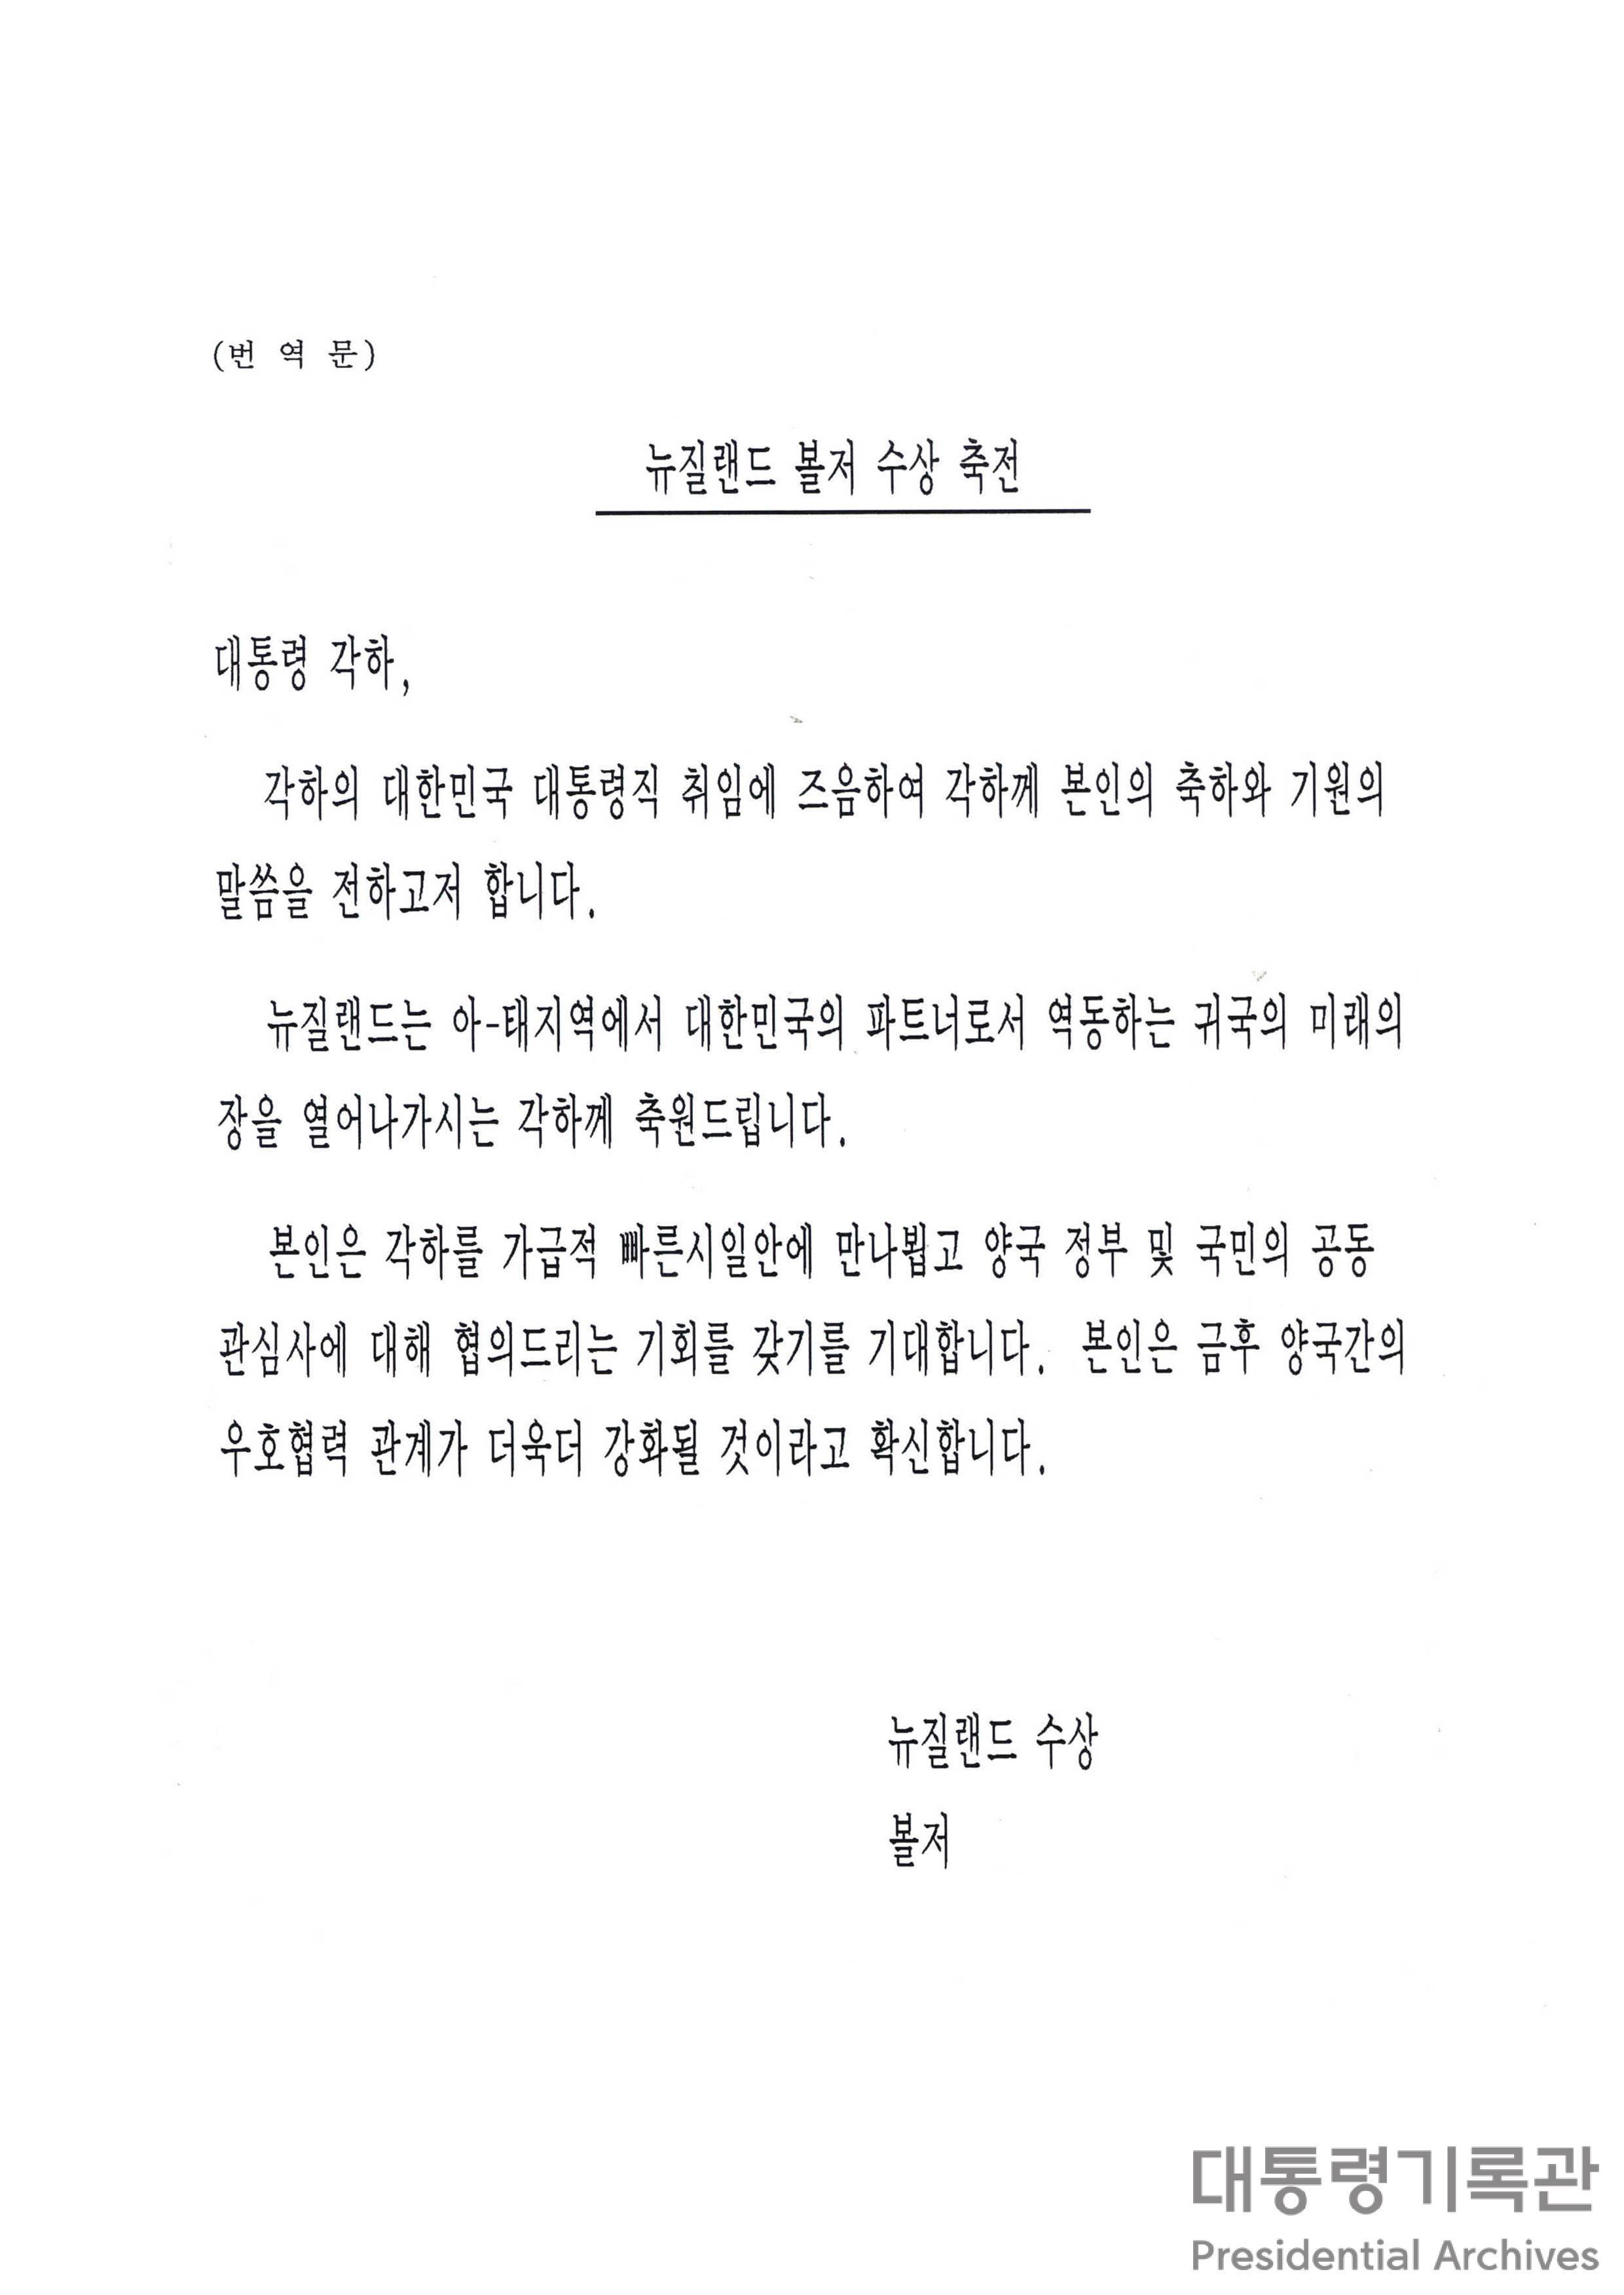 볼저(Rt Hon J B Bolger) 뉴질랜드수상이 김영삼 대통령에 보낸 서한